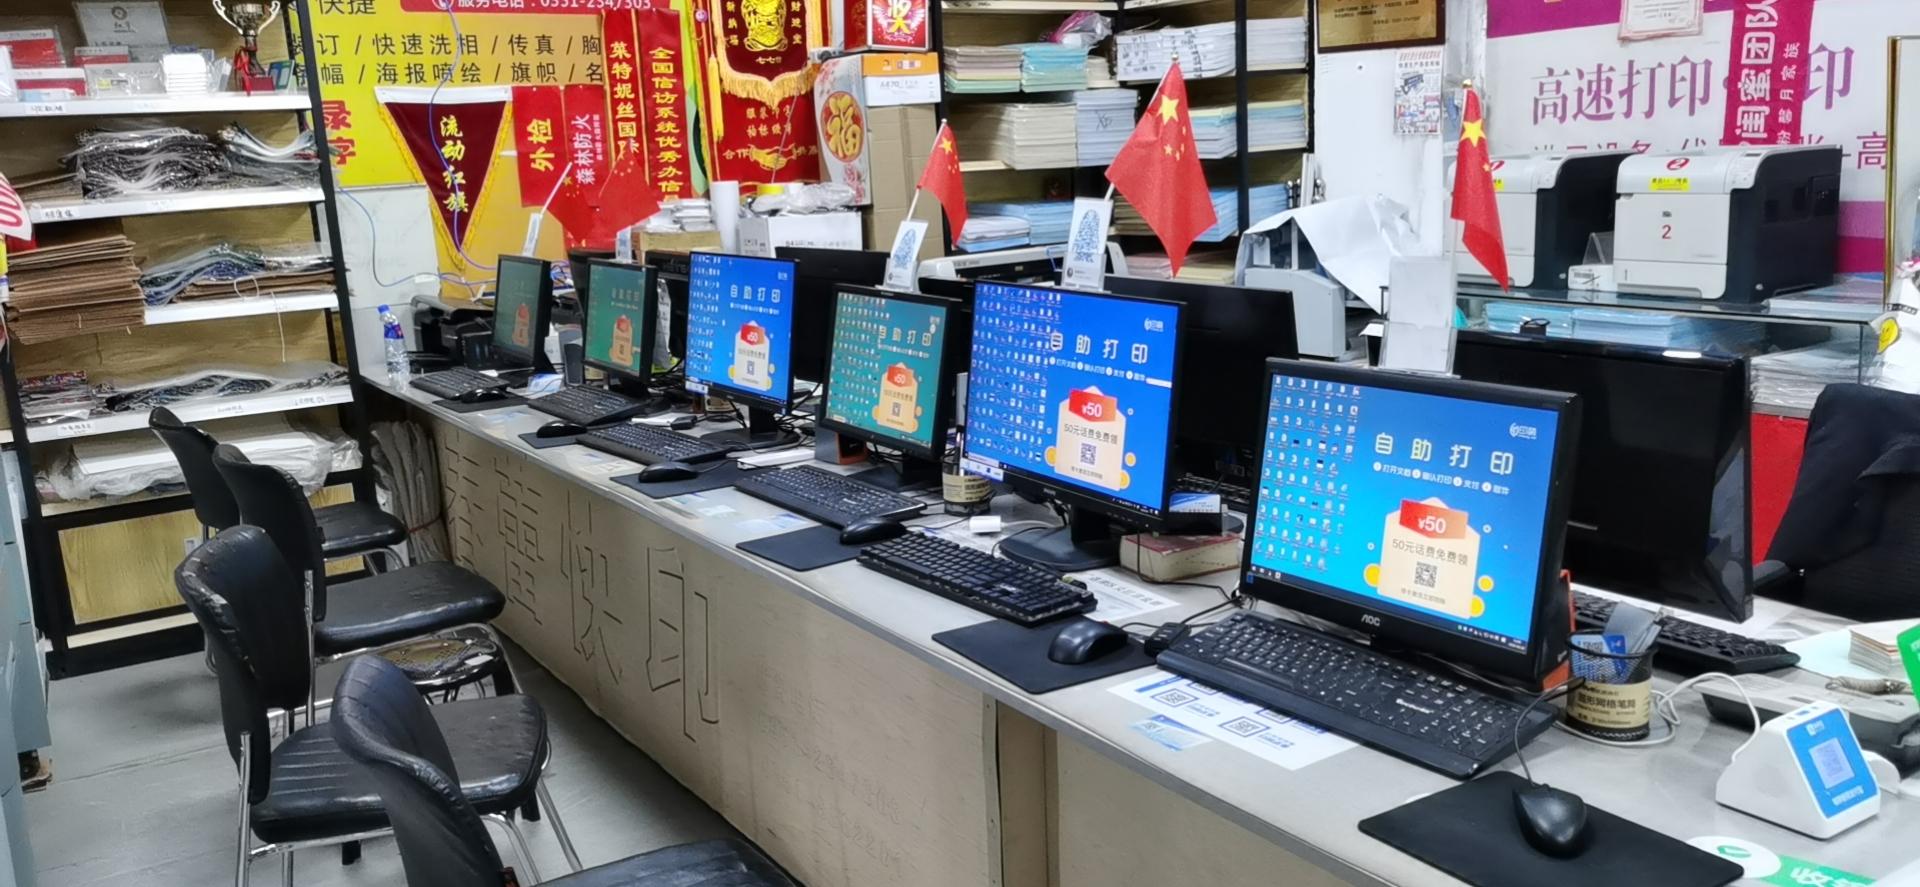 印萌自助打印软件,校园打印店的好帮手5.jpg